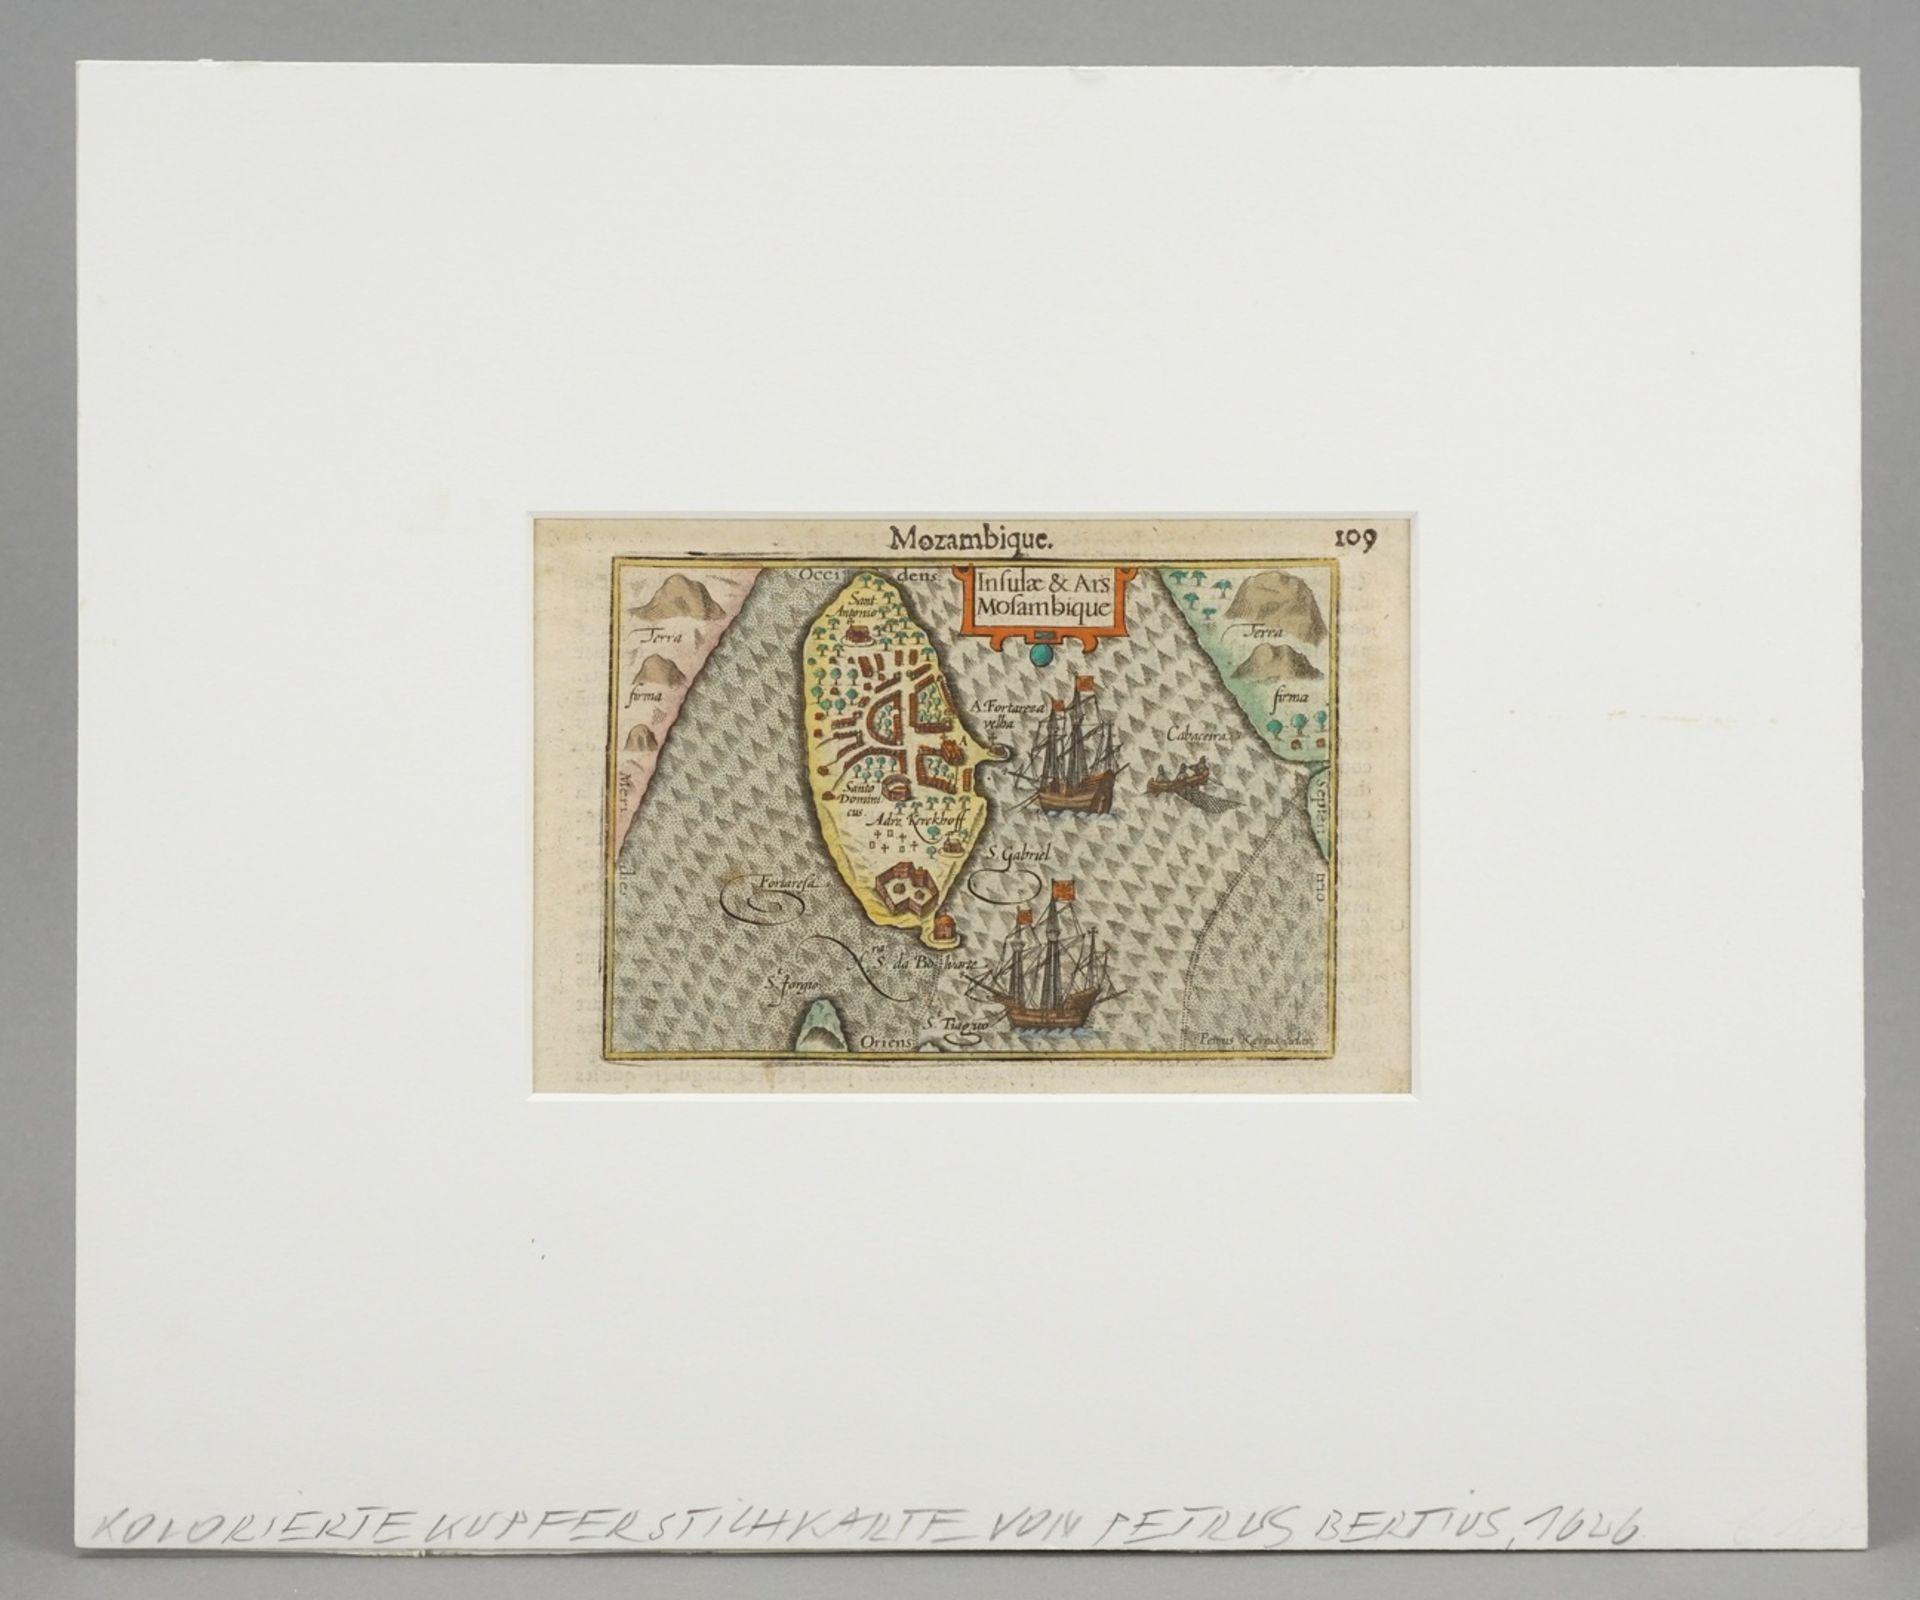 """Pieter van den Keere, """"Mozambique. Insulae & Ars Mosambique"""" (Landkarte von Mosambik) - Bild 2 aus 4"""